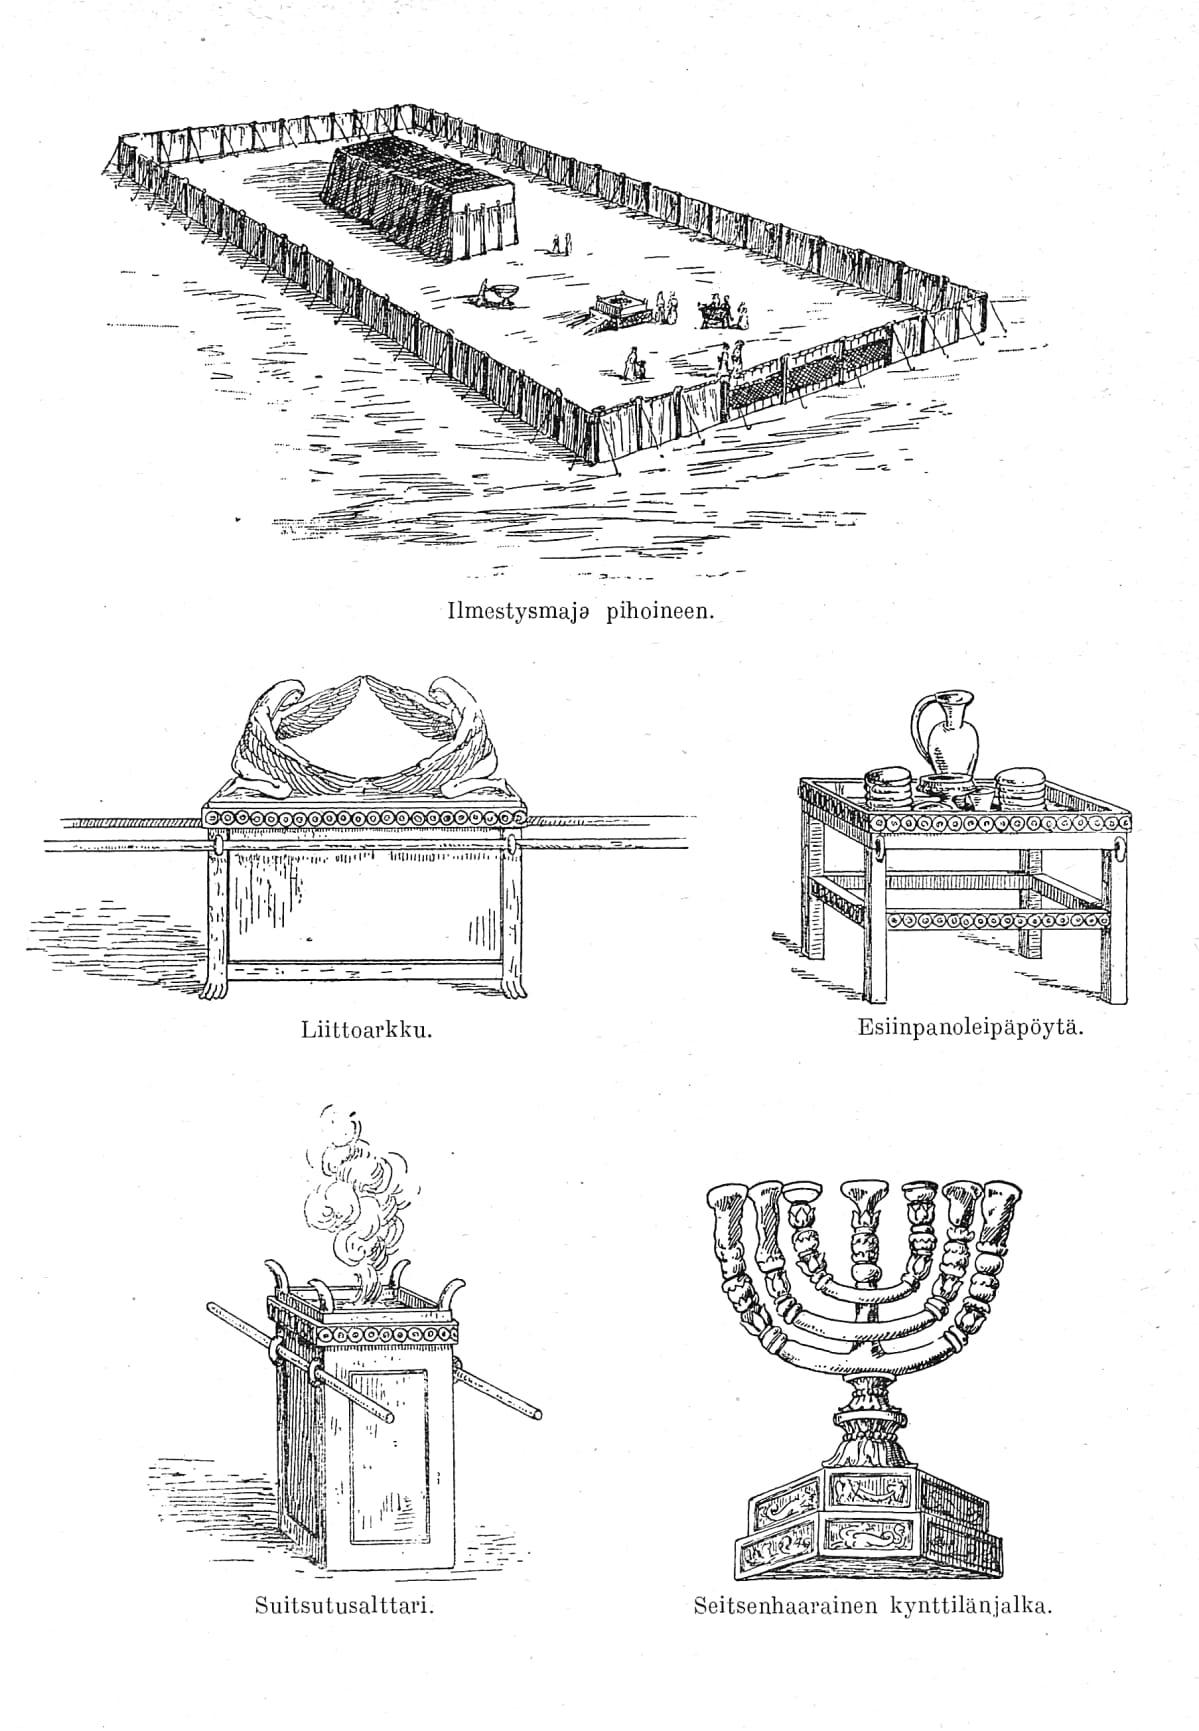 Piirroskuva uskontokirjasta, Liitonarkki, Ilmestysmaja